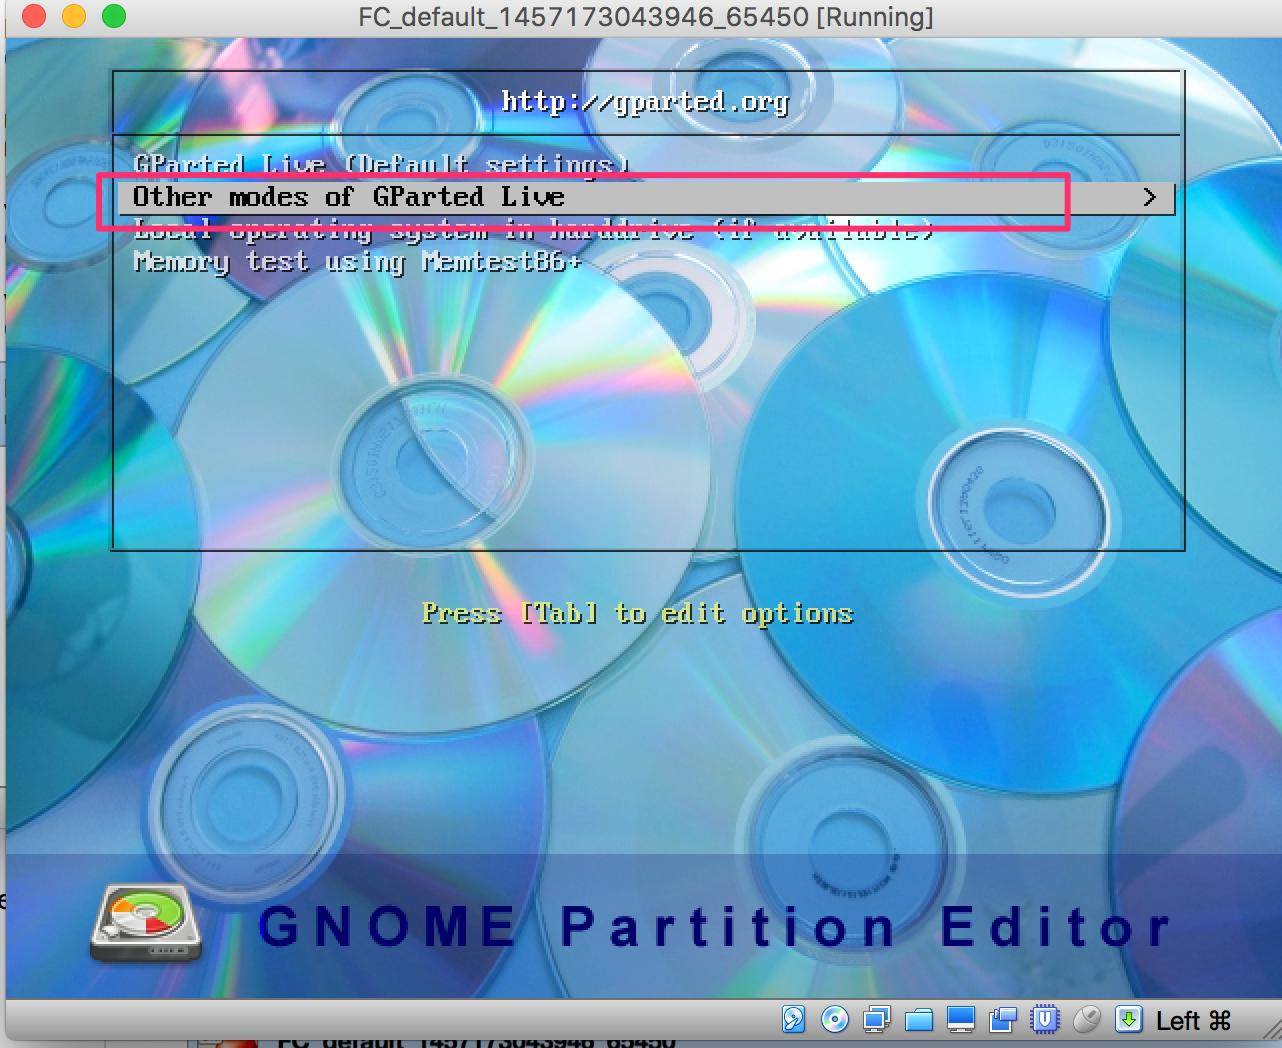 FC_default_1457173043946_65450__Running__と_Oracle_VM_VirtualBox_マネージャー_と_Vagrant_Virtualbox_のディスク_ストレージ_容量を増やす方法.png